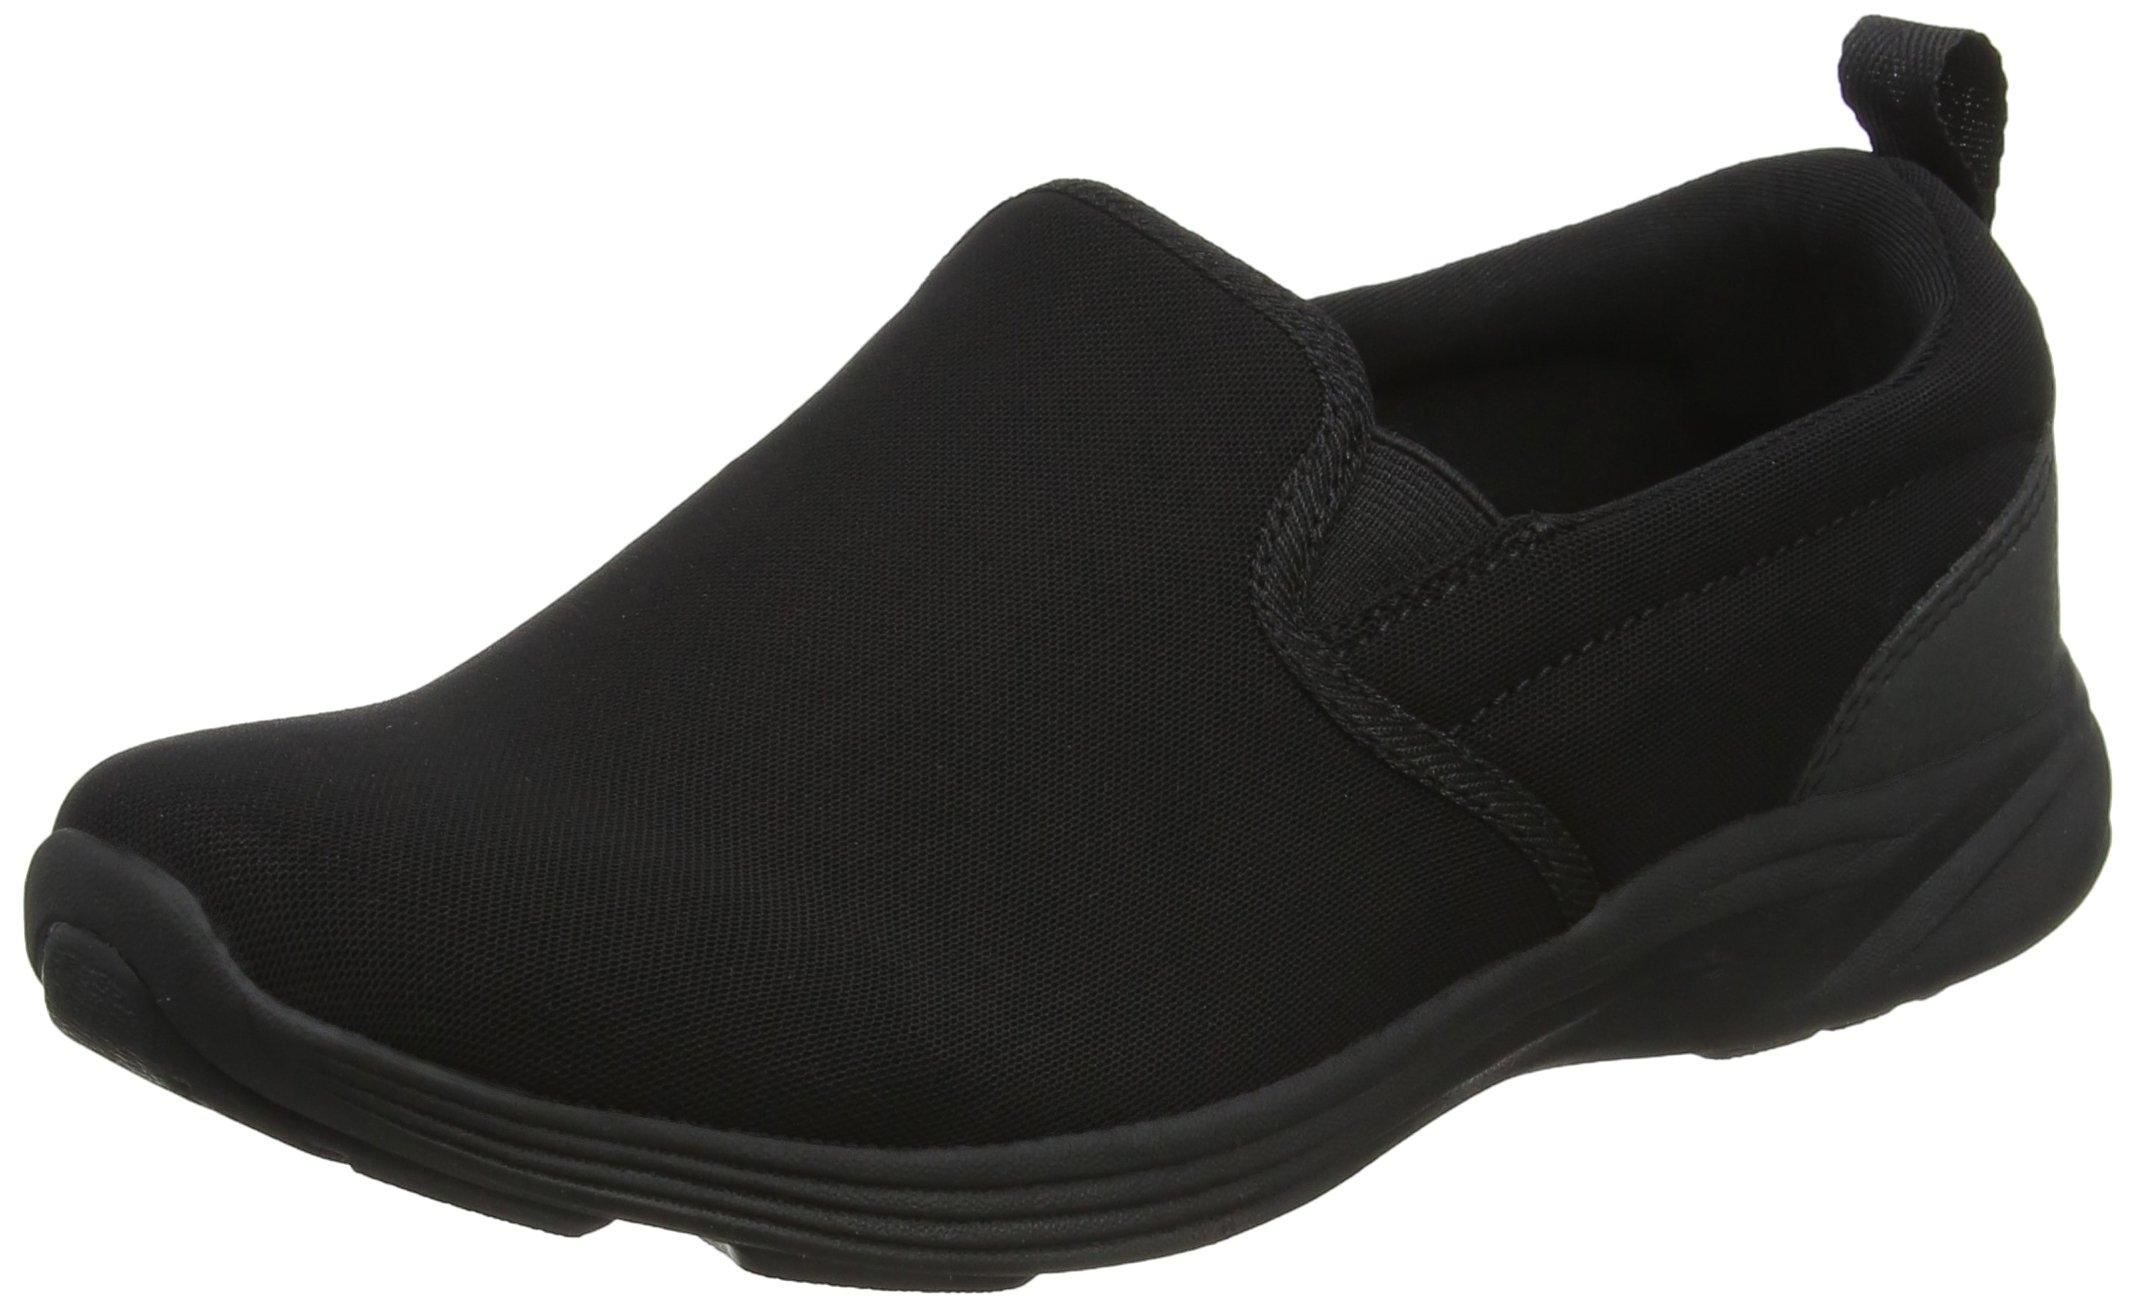 Vionic Womens Agile Kea Slip-On Sneaker Black/Black Size 10 Wide